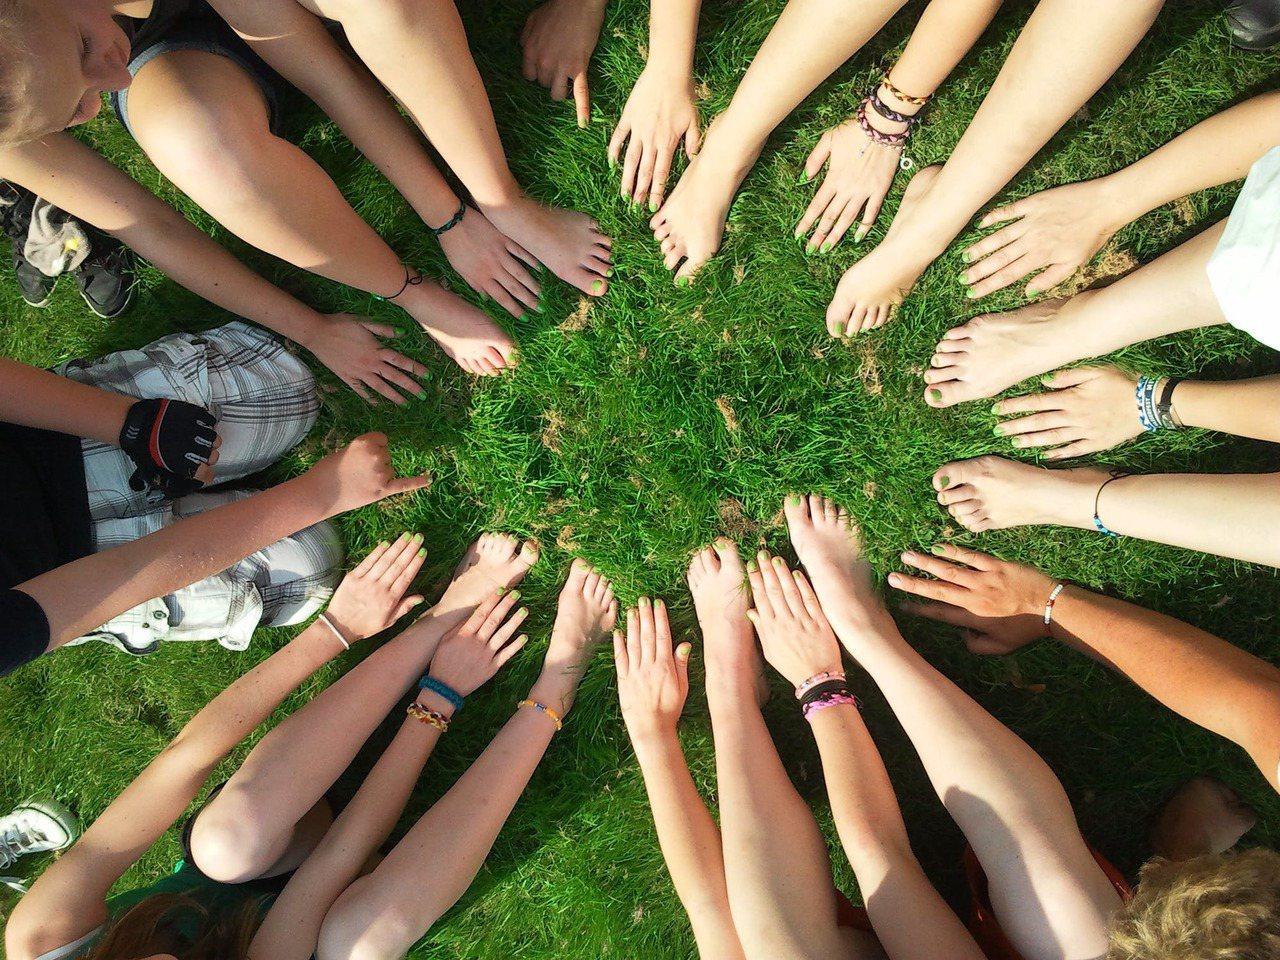 在團體生活中,才能真正體會到,真心朋友的重要性。圖/摘自 pexels